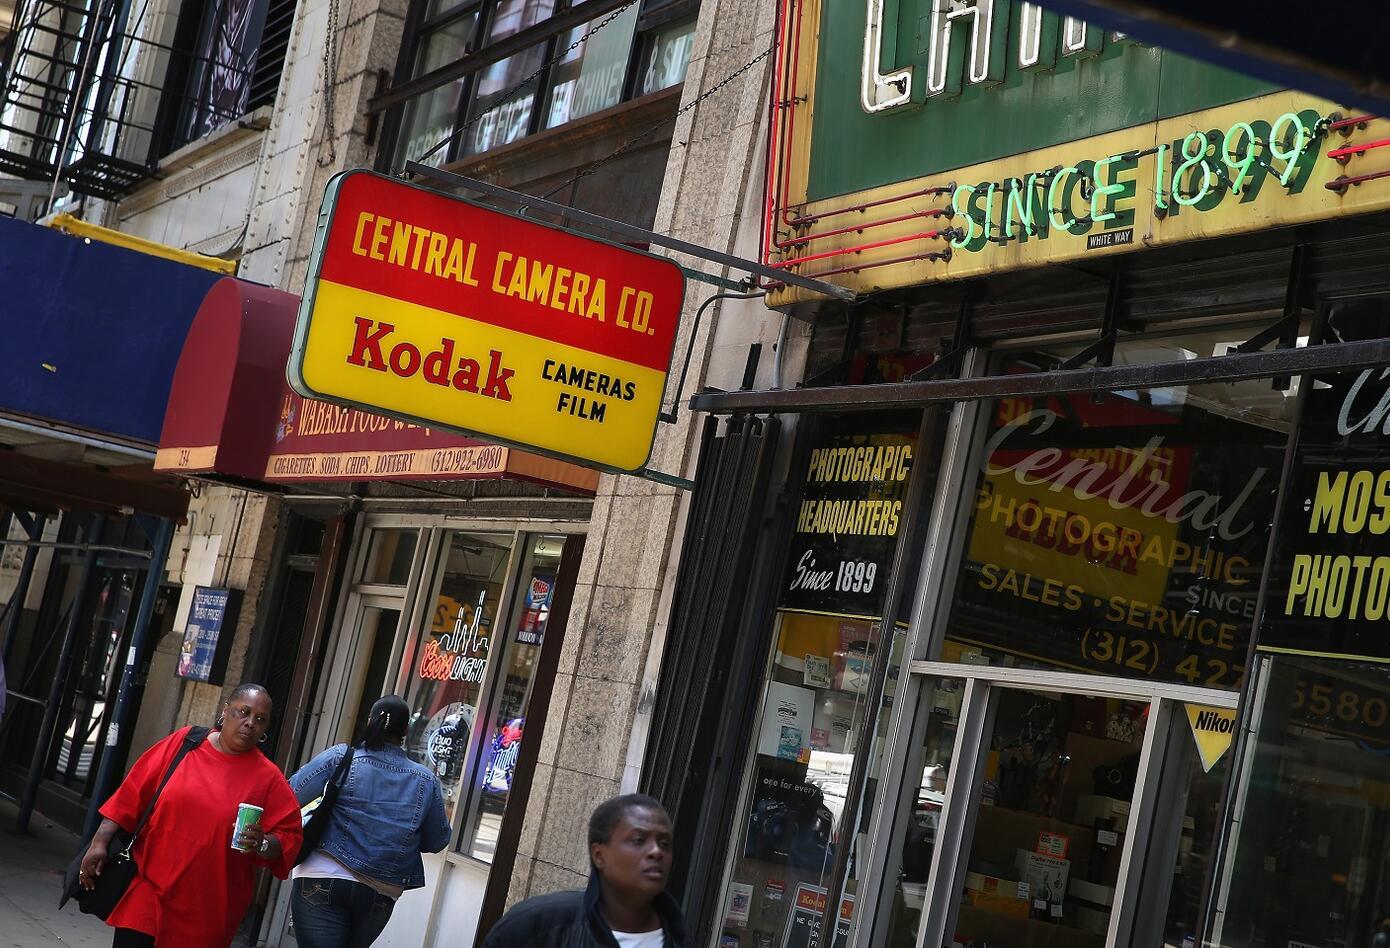 Kodak mantuvo su negocio intacto por más de 100 años